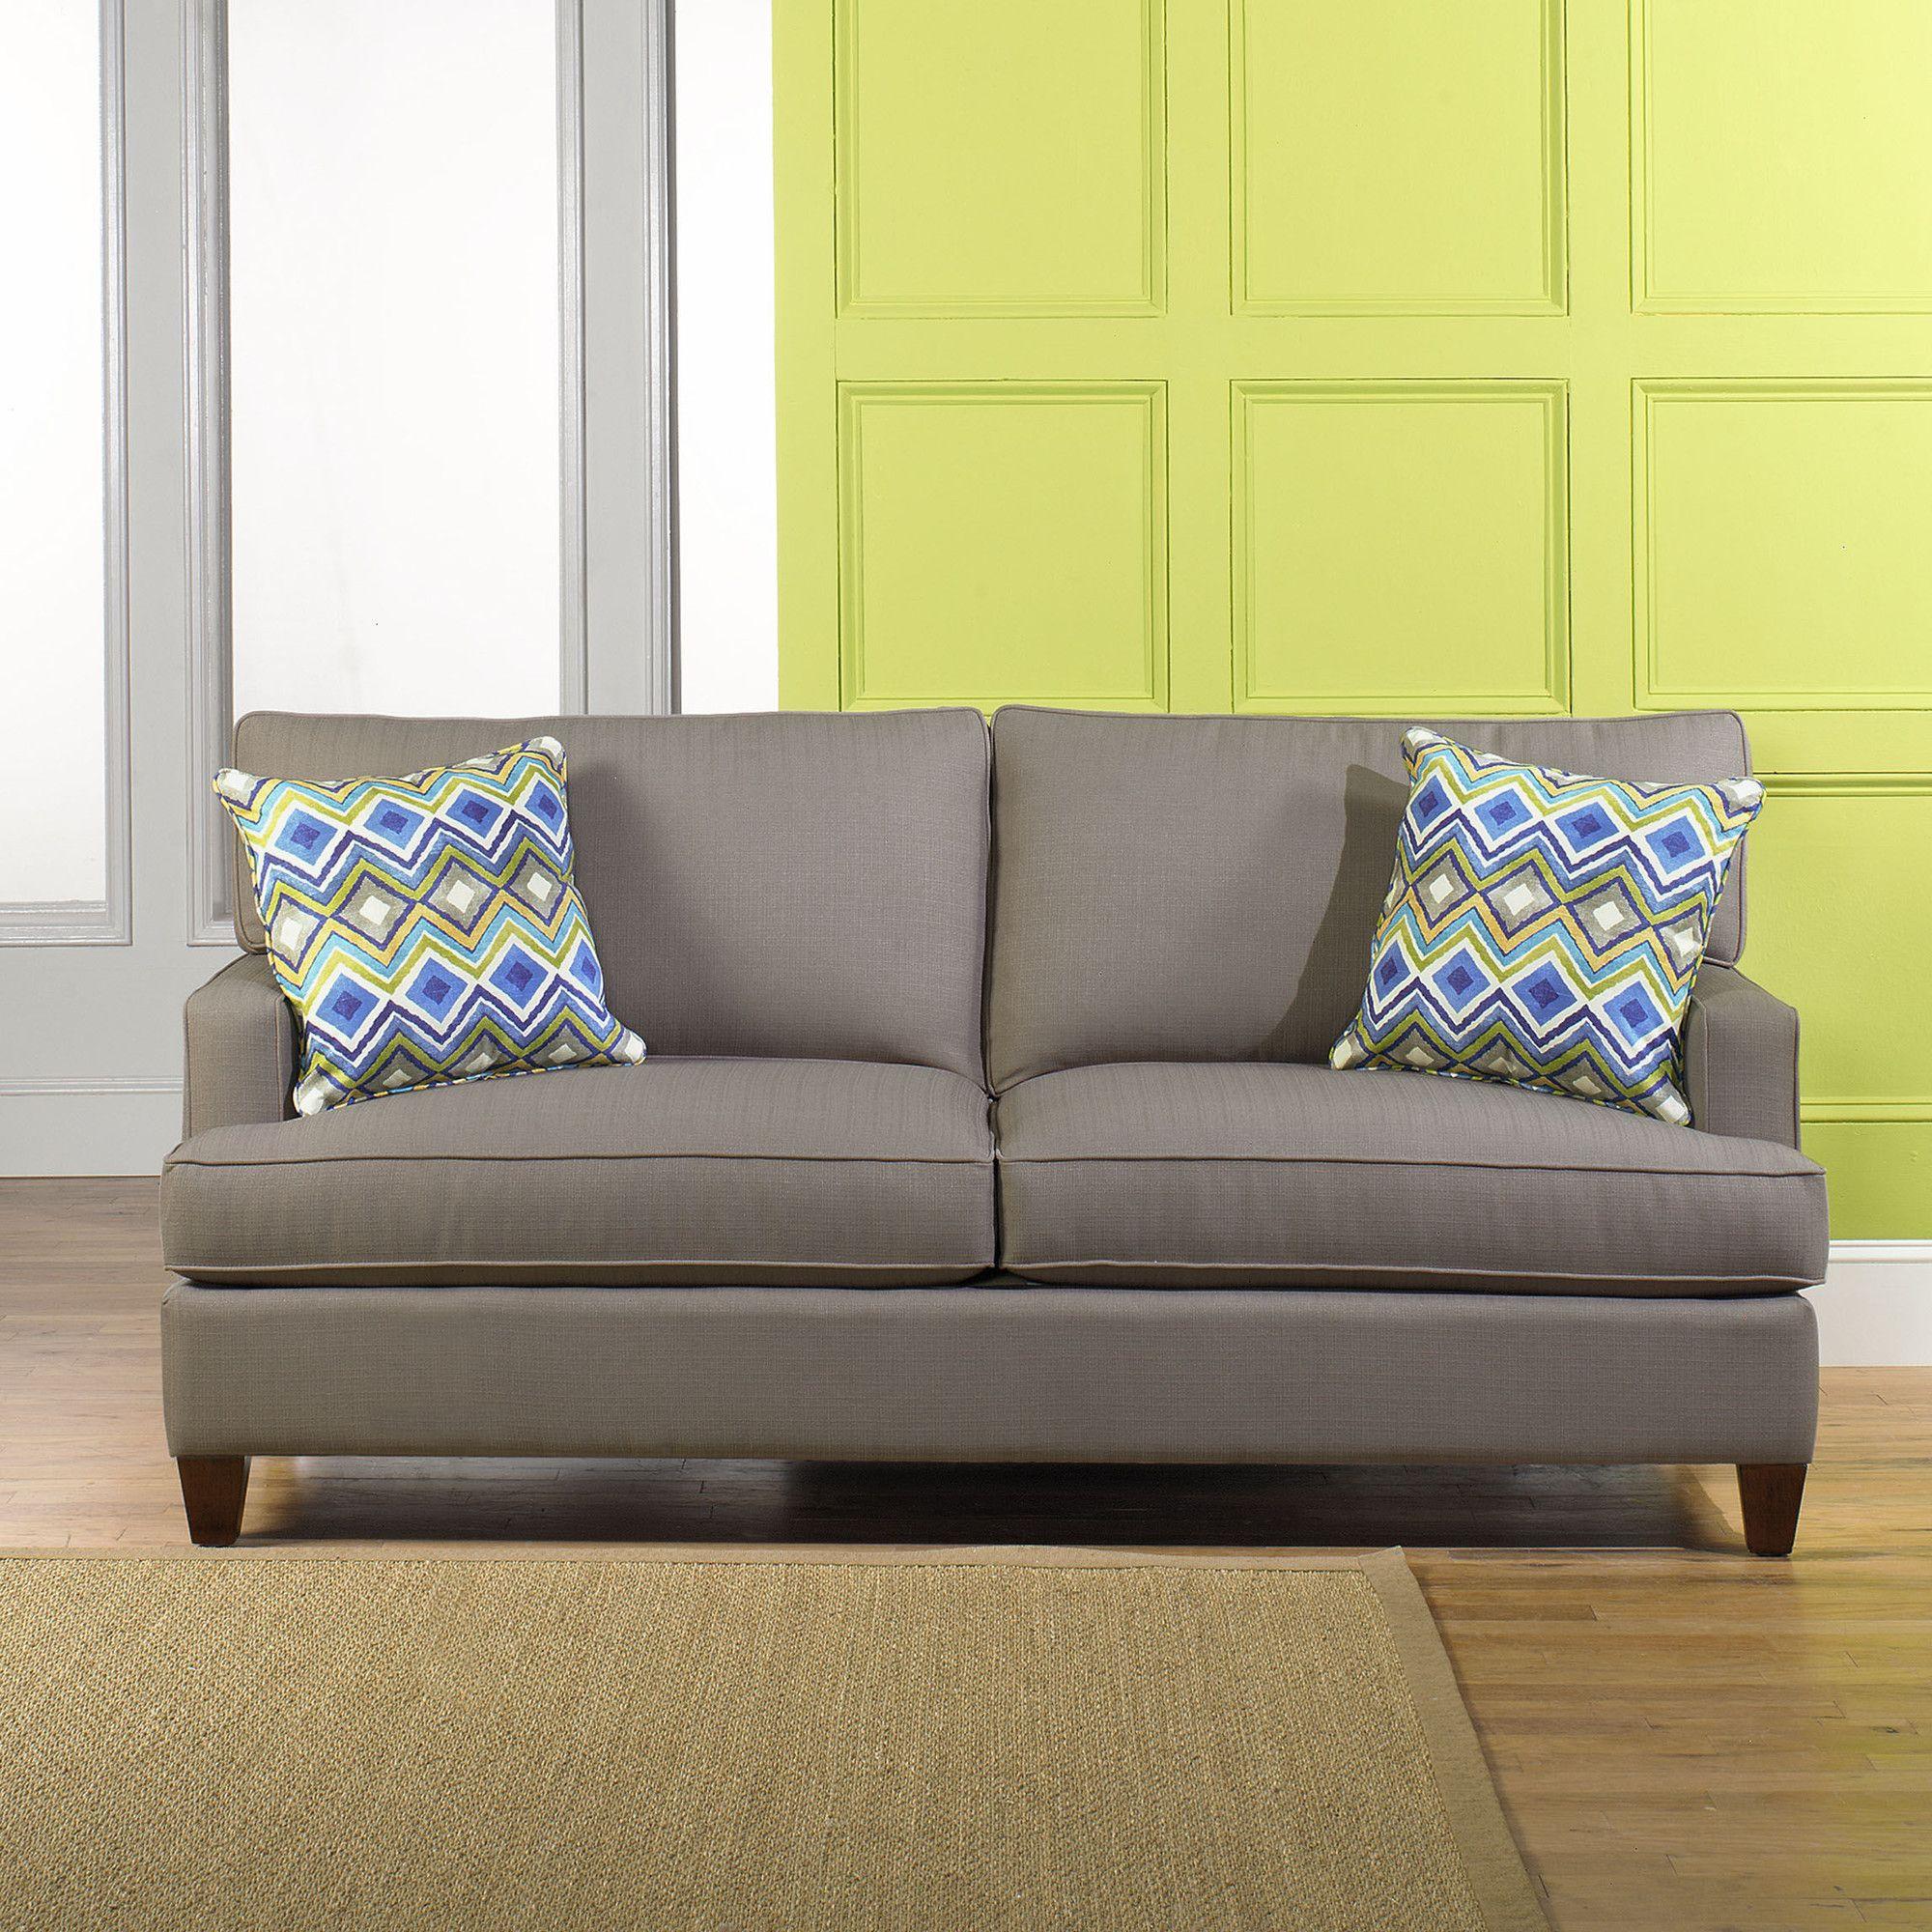 sofasandmore sofa bed cover design hgtv home park avenue sleeper and reviews wayfair